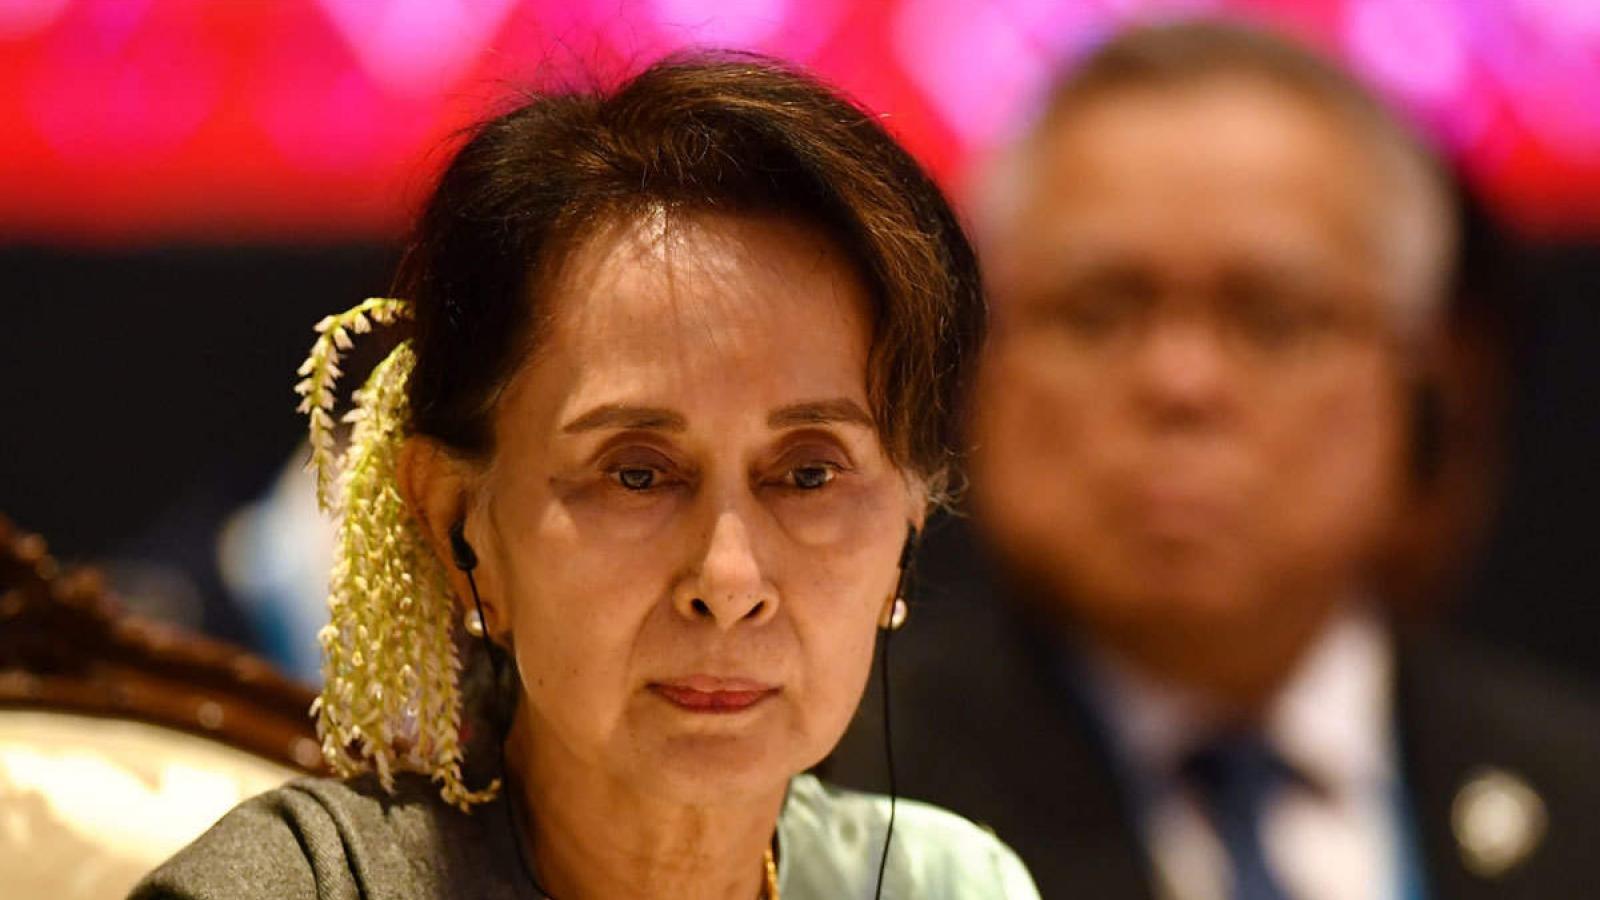 Chính biến ở Myanmar xảy ra sau khi quân đội cáo buộc gian lận bầu cử